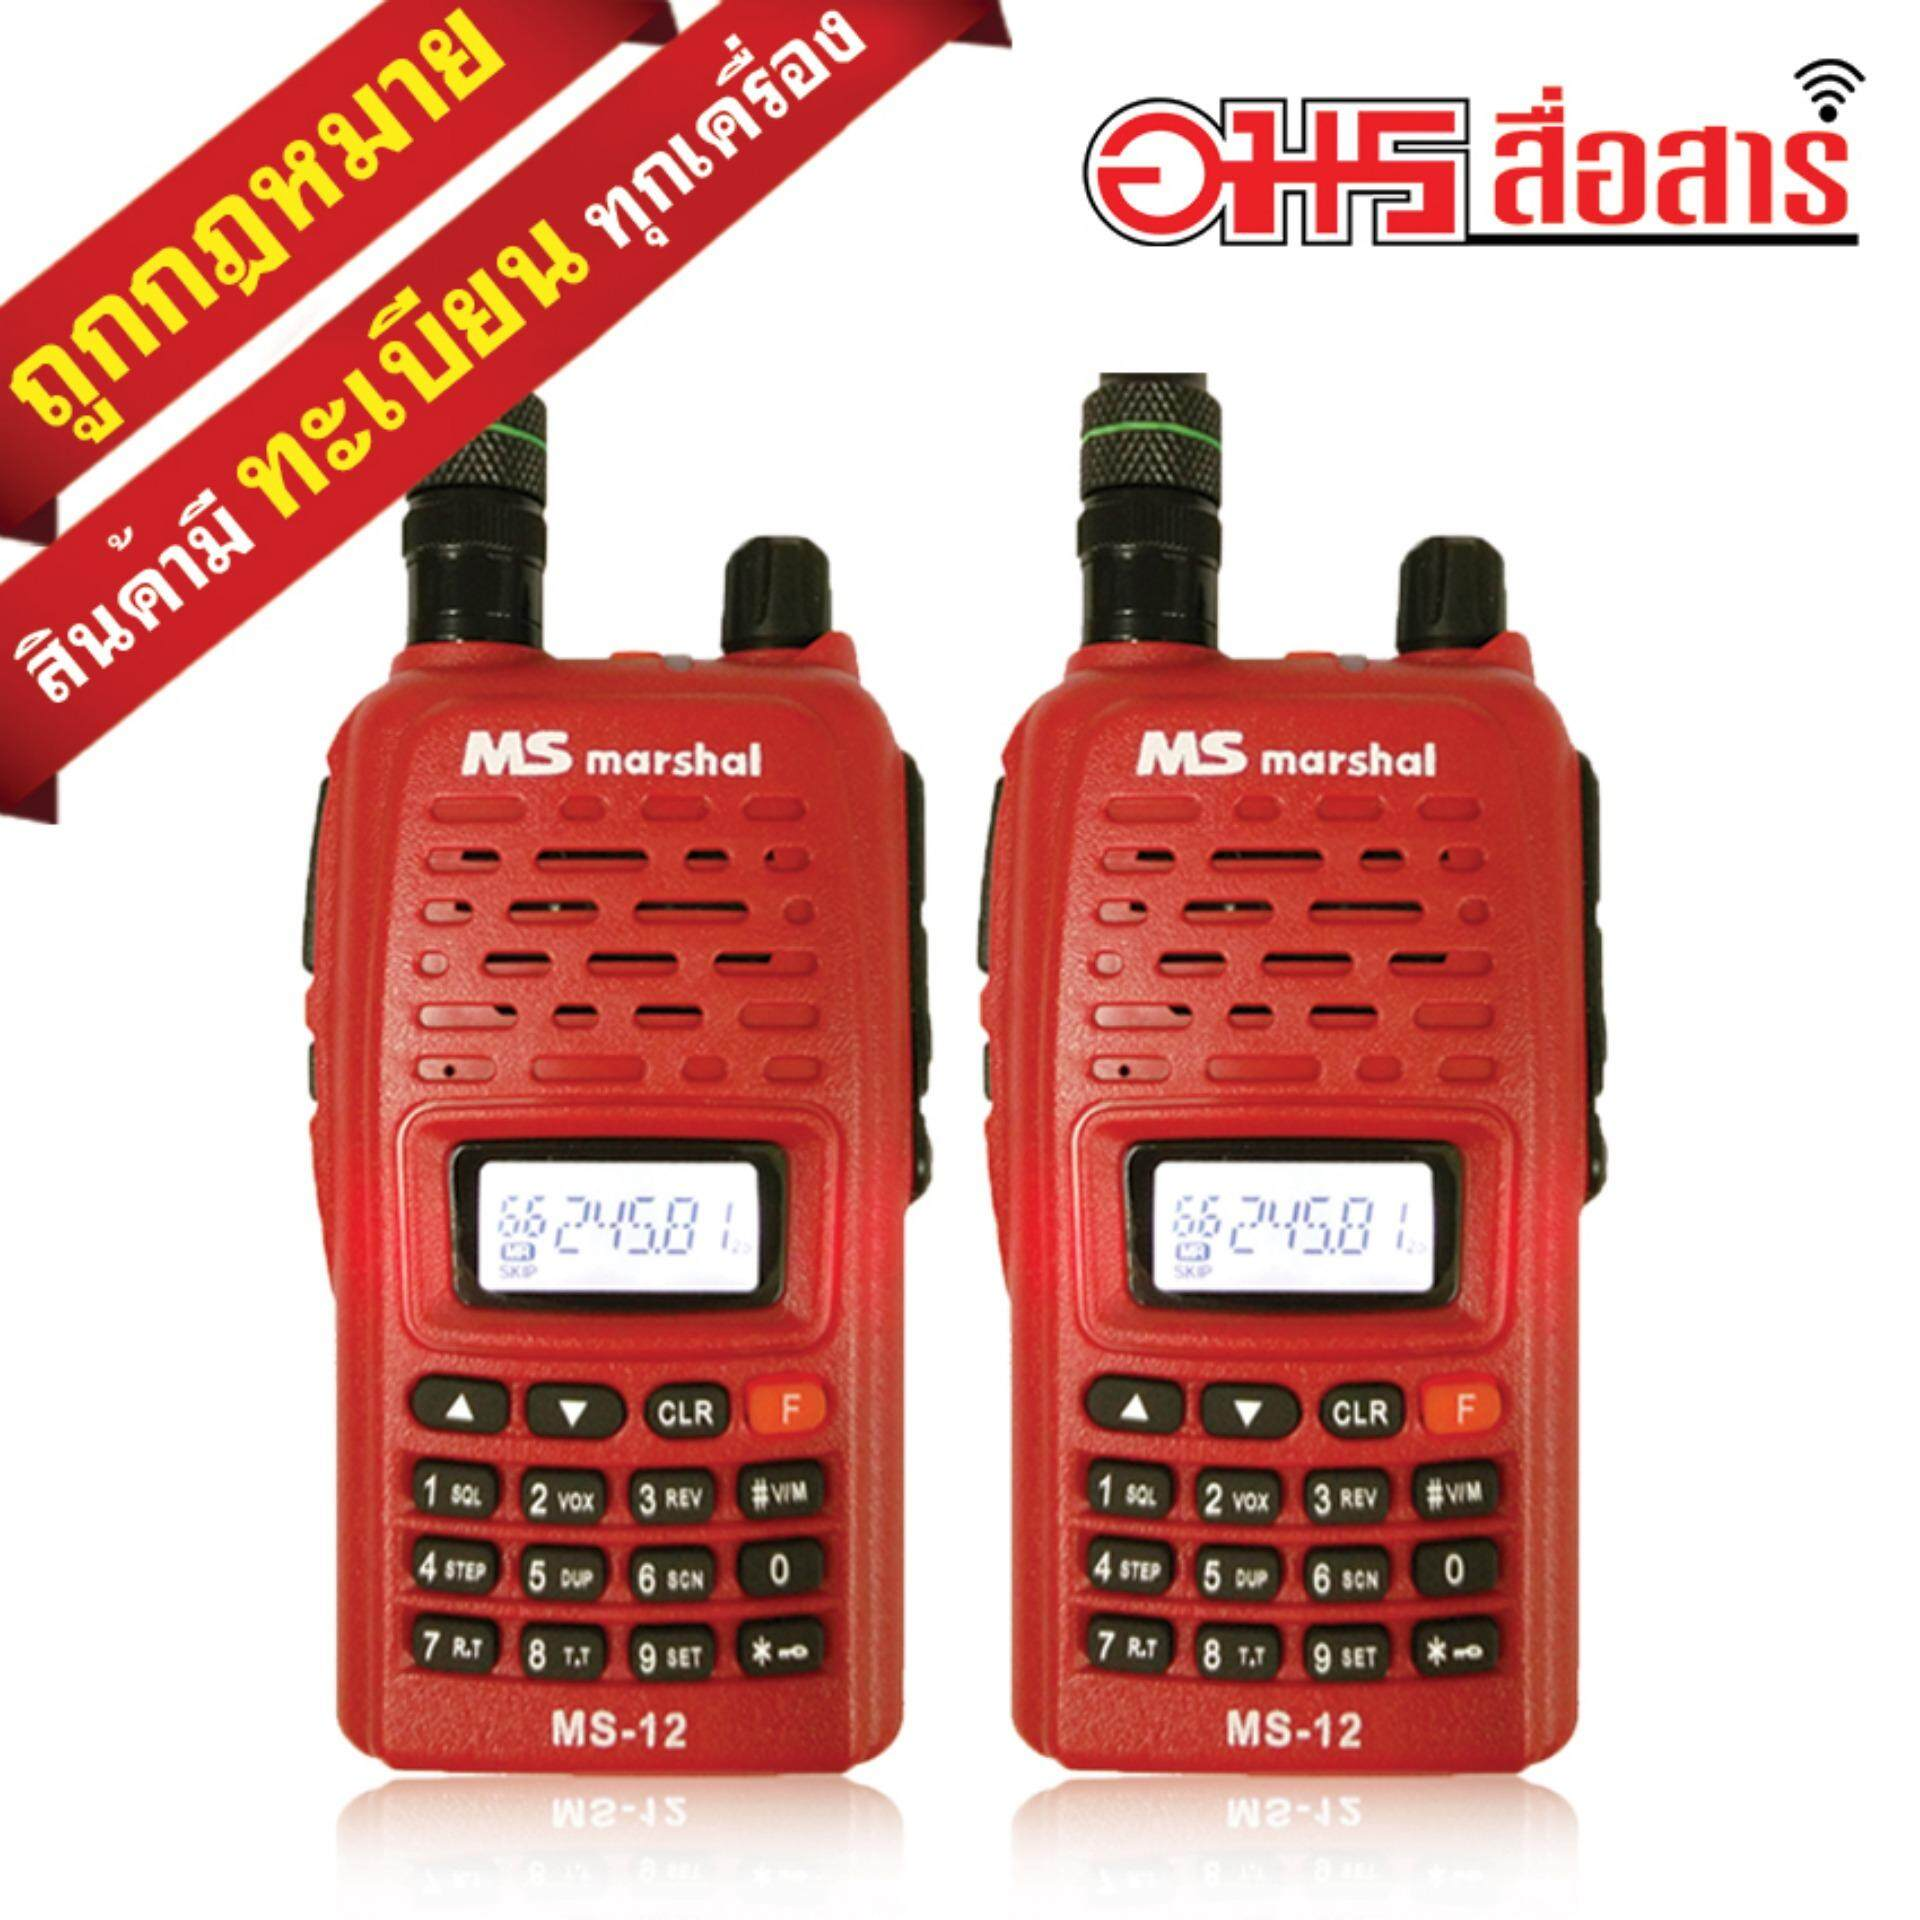 Ms Marshal วิทยุสื่อสาร 5W Ms 12 สีแดง แพ็คคู่ Walkie Talkie Walkie Talkie อมรสื่อสาร เป็นต้นฉบับ